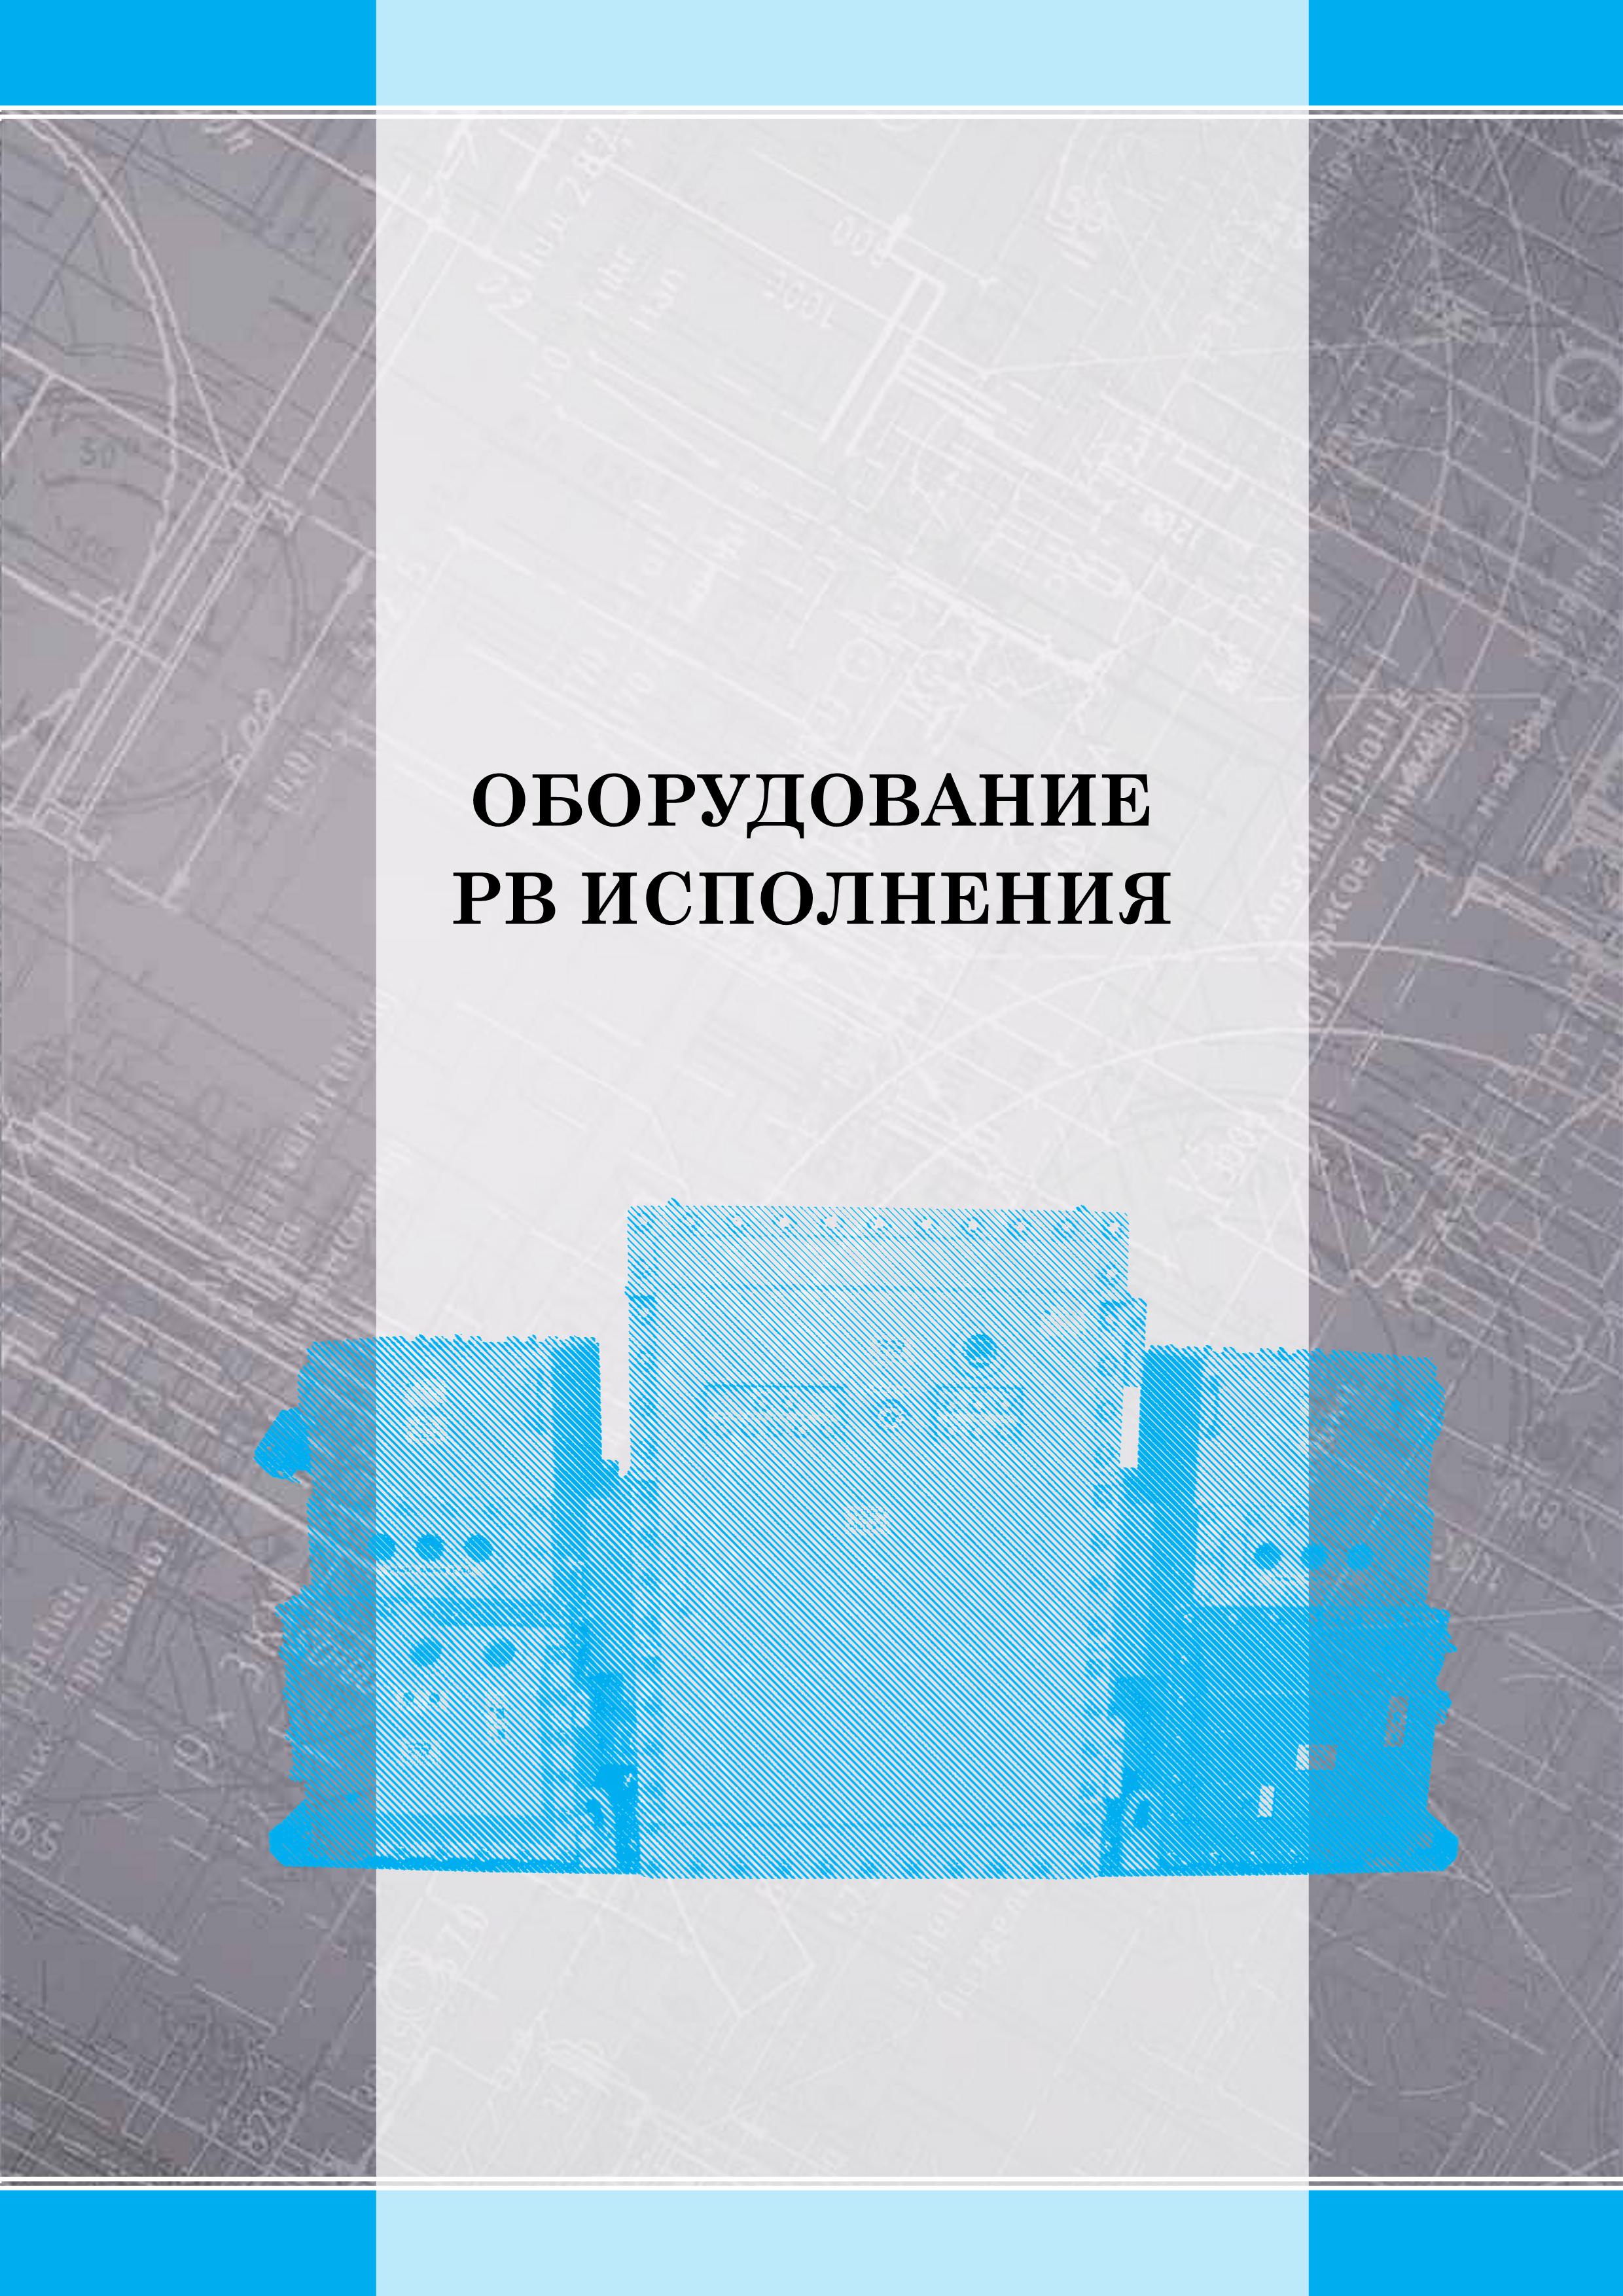 Каталог ДонЭнергоЗавод 2018г._05